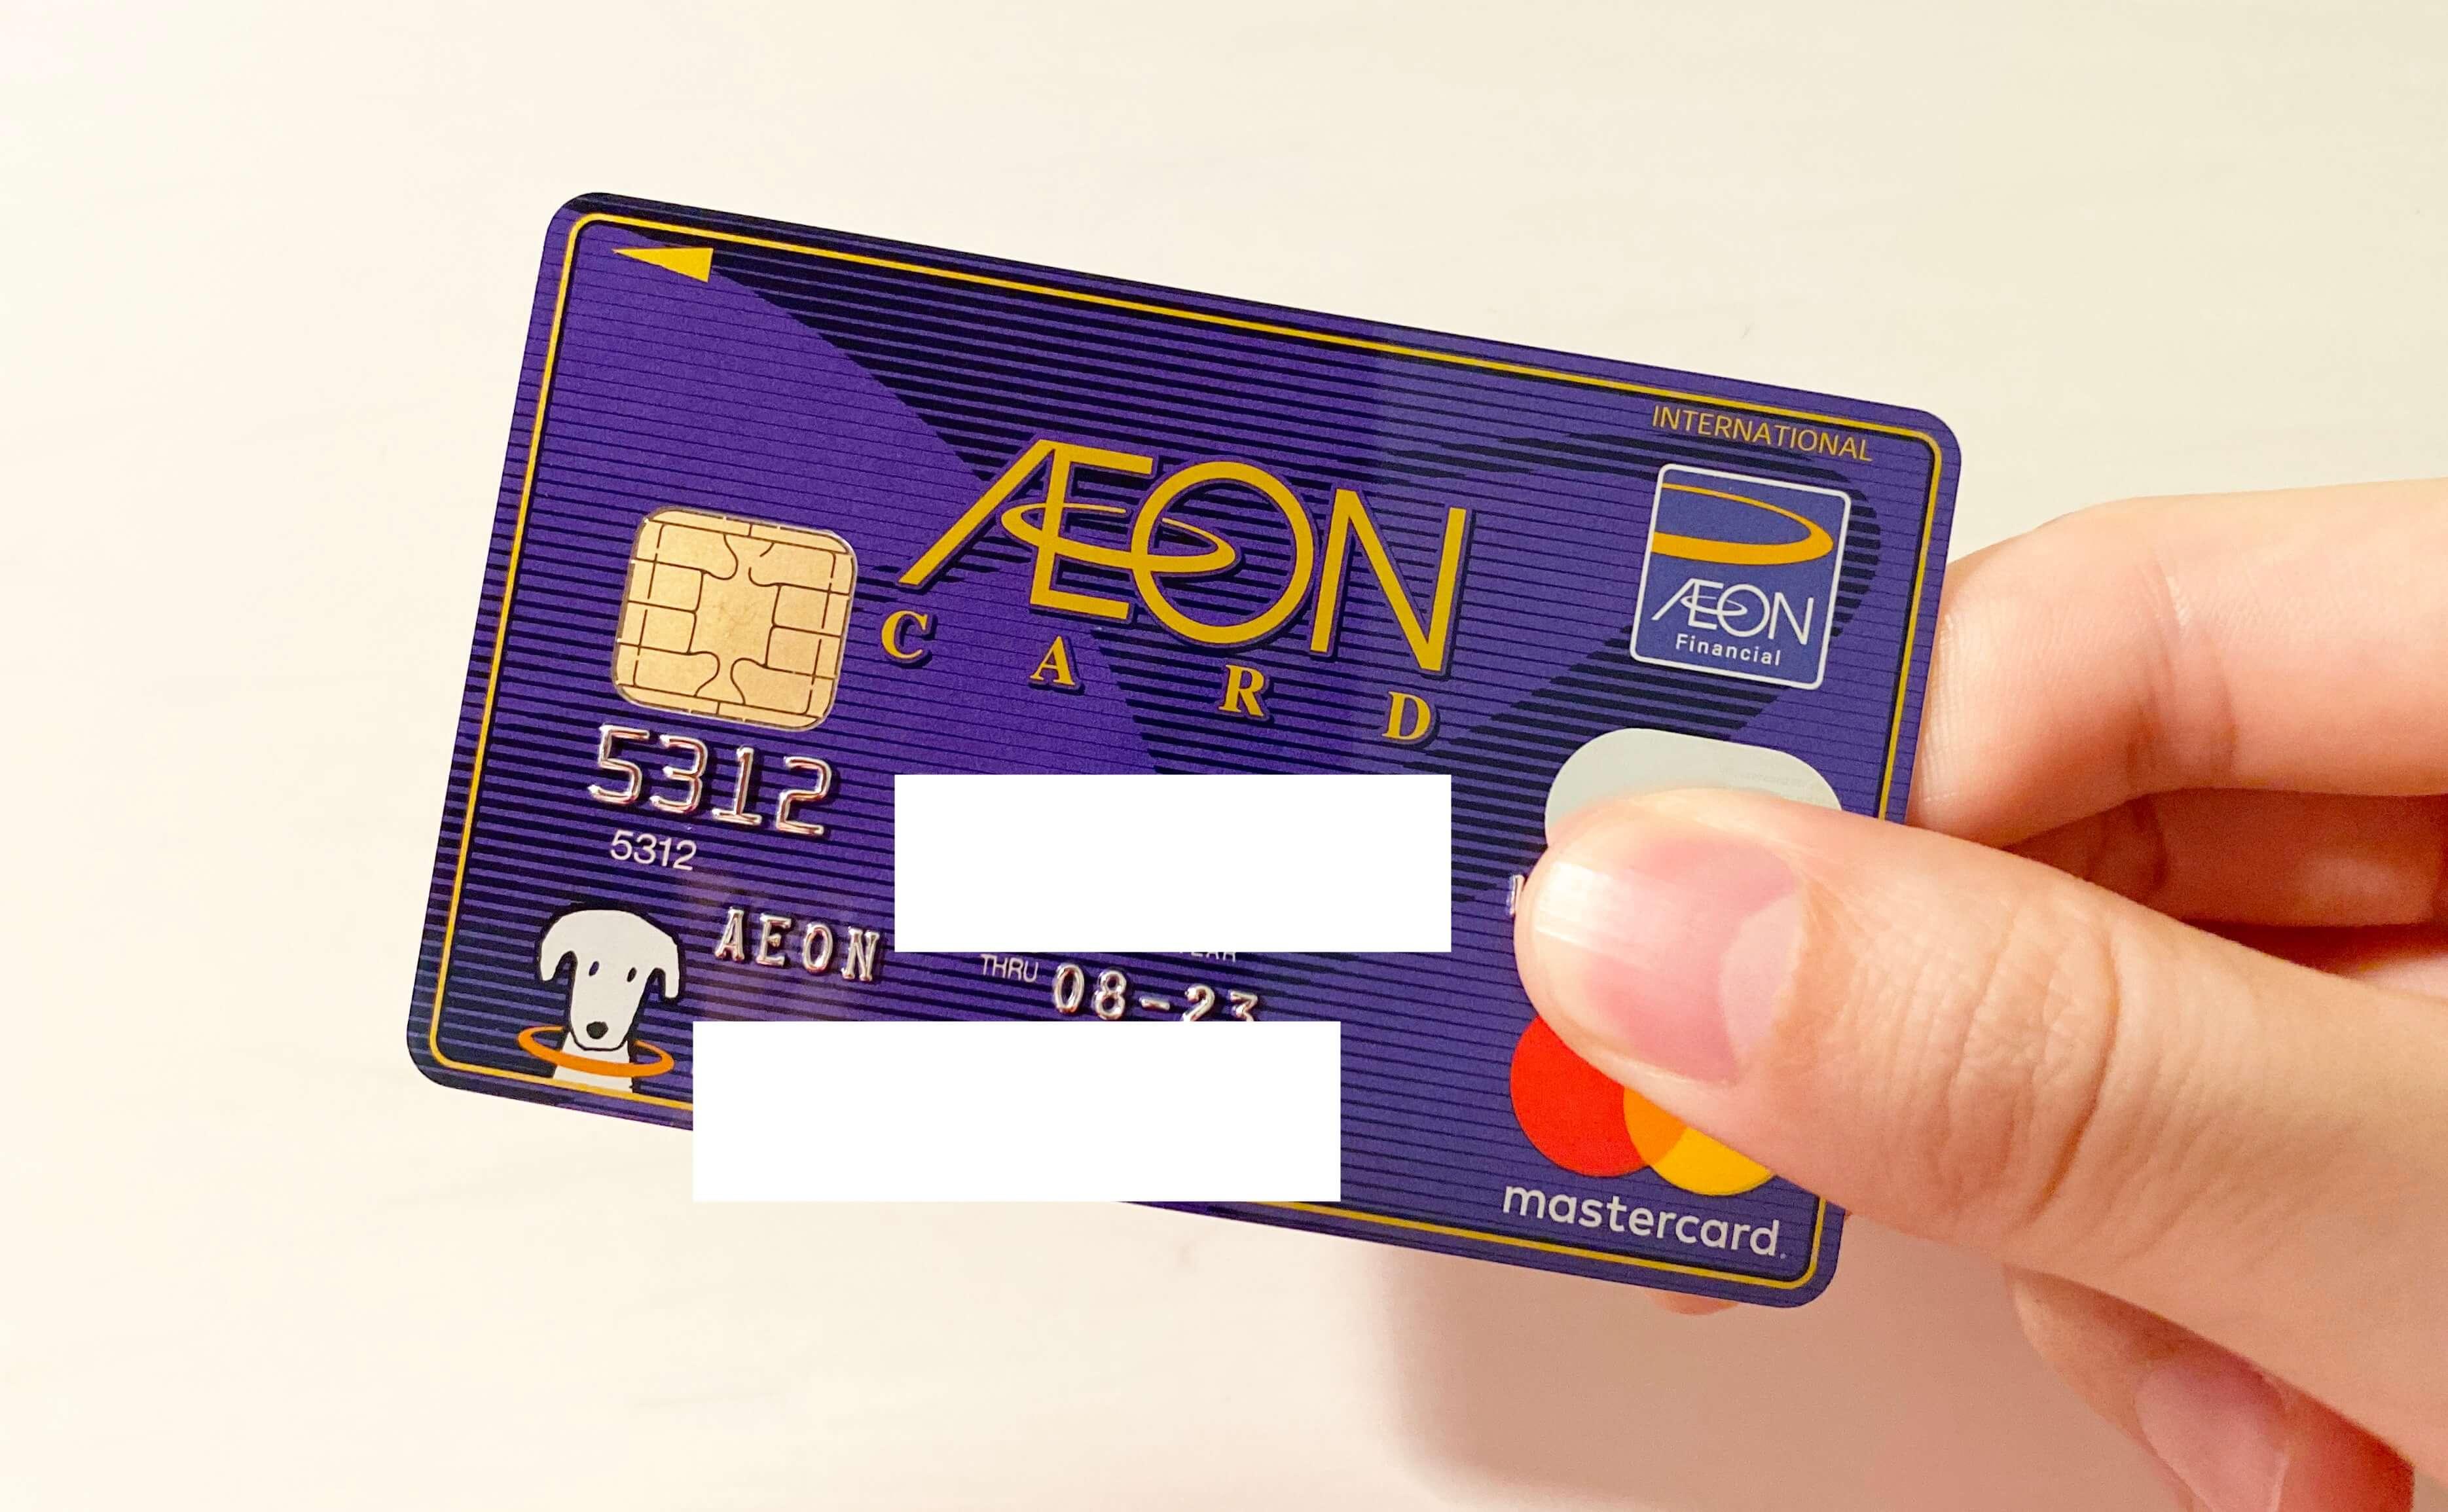 イオンカードでWAONポイントカードを作る方法